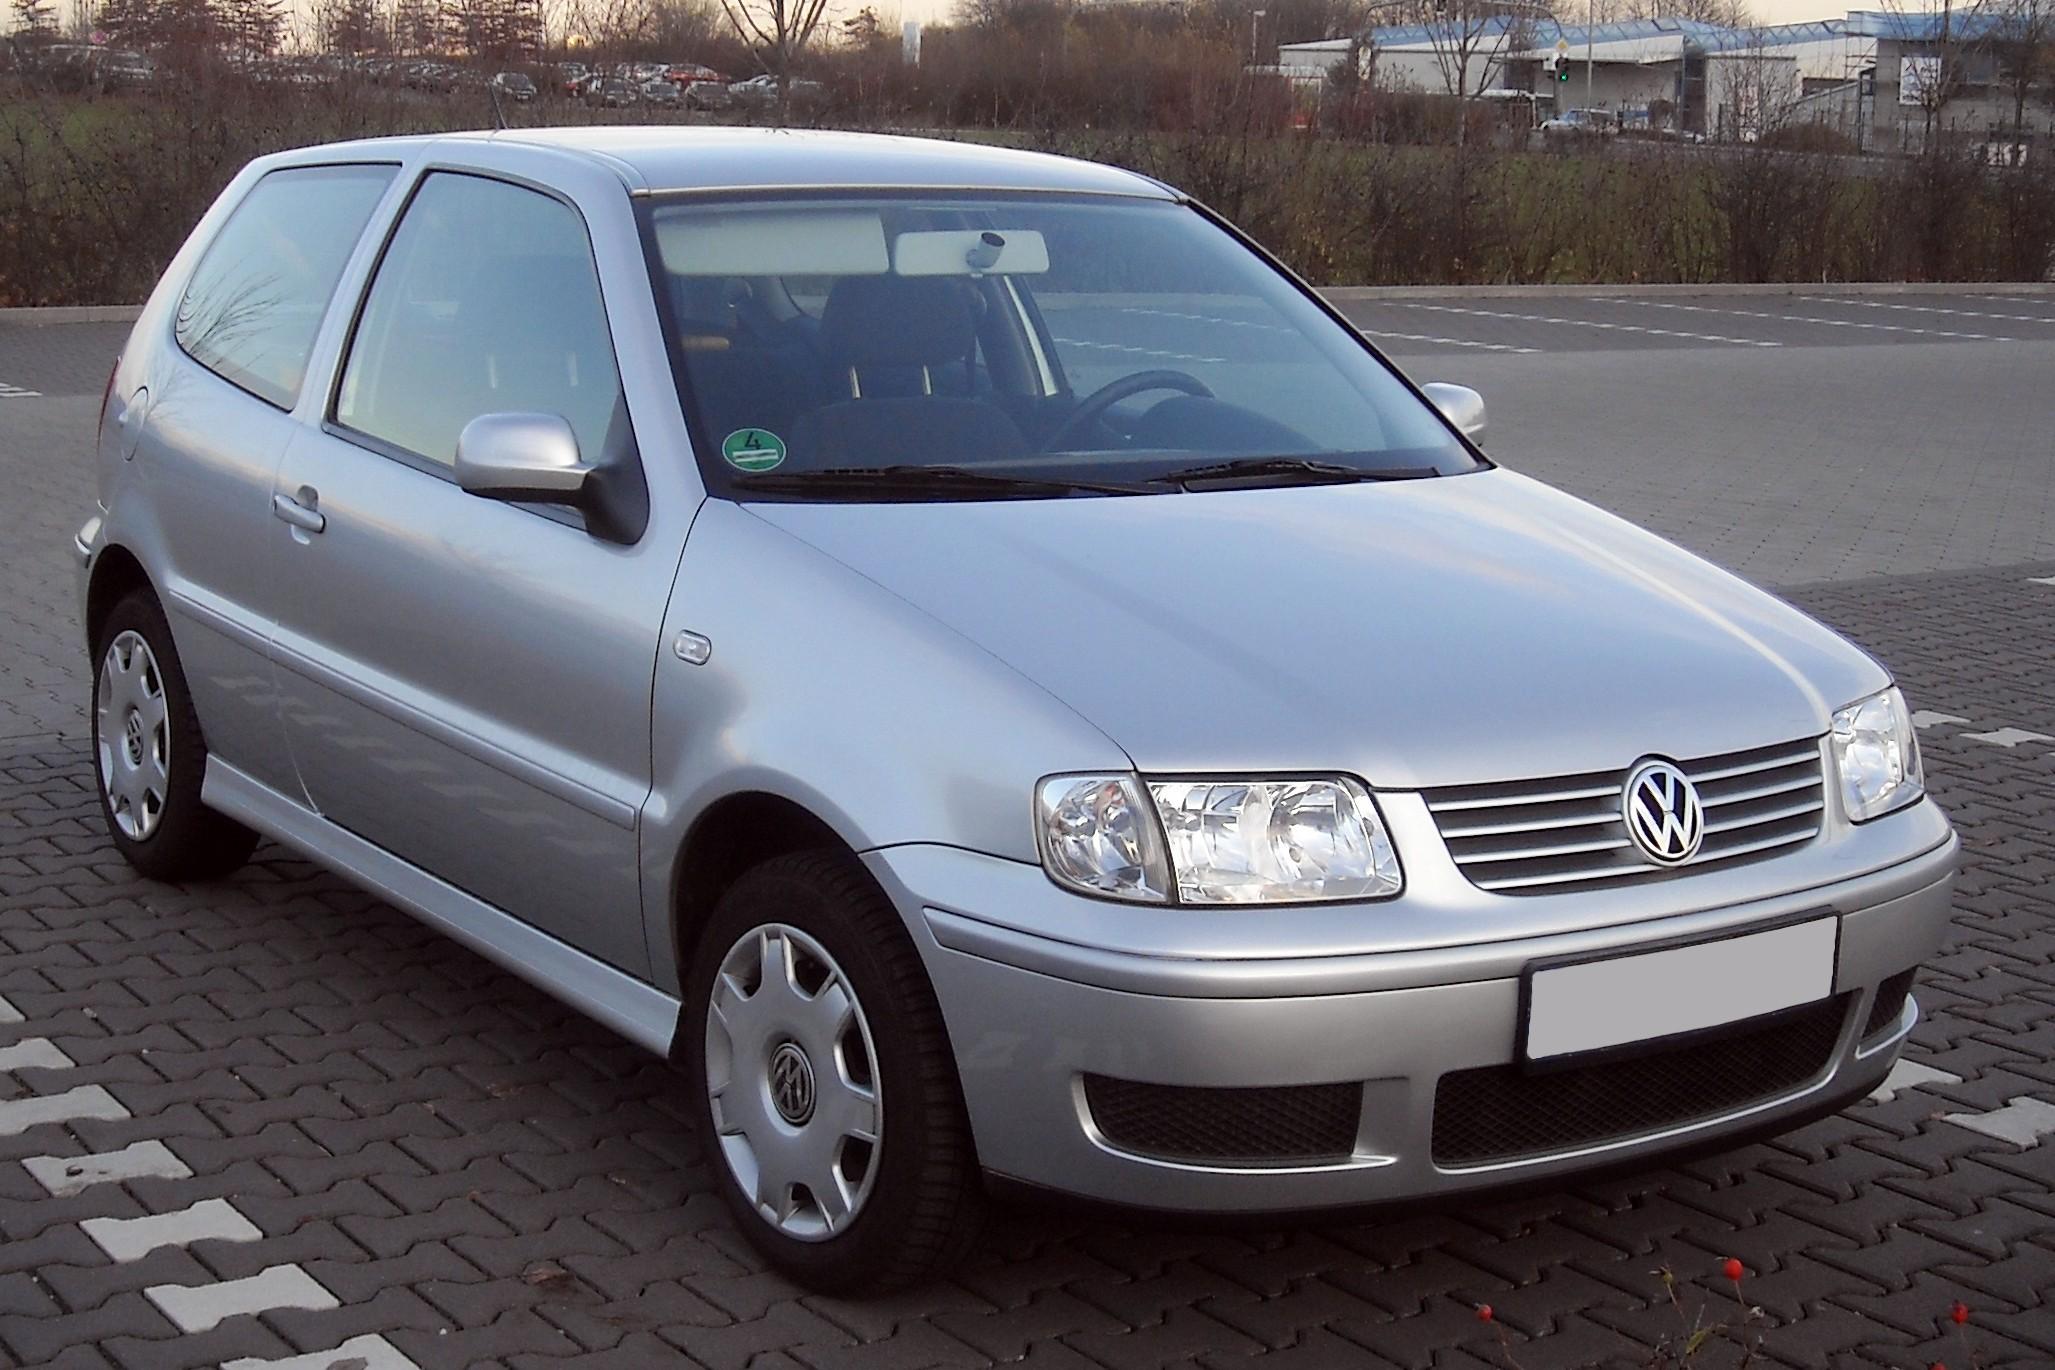 VW_Polo_III_front_20091204